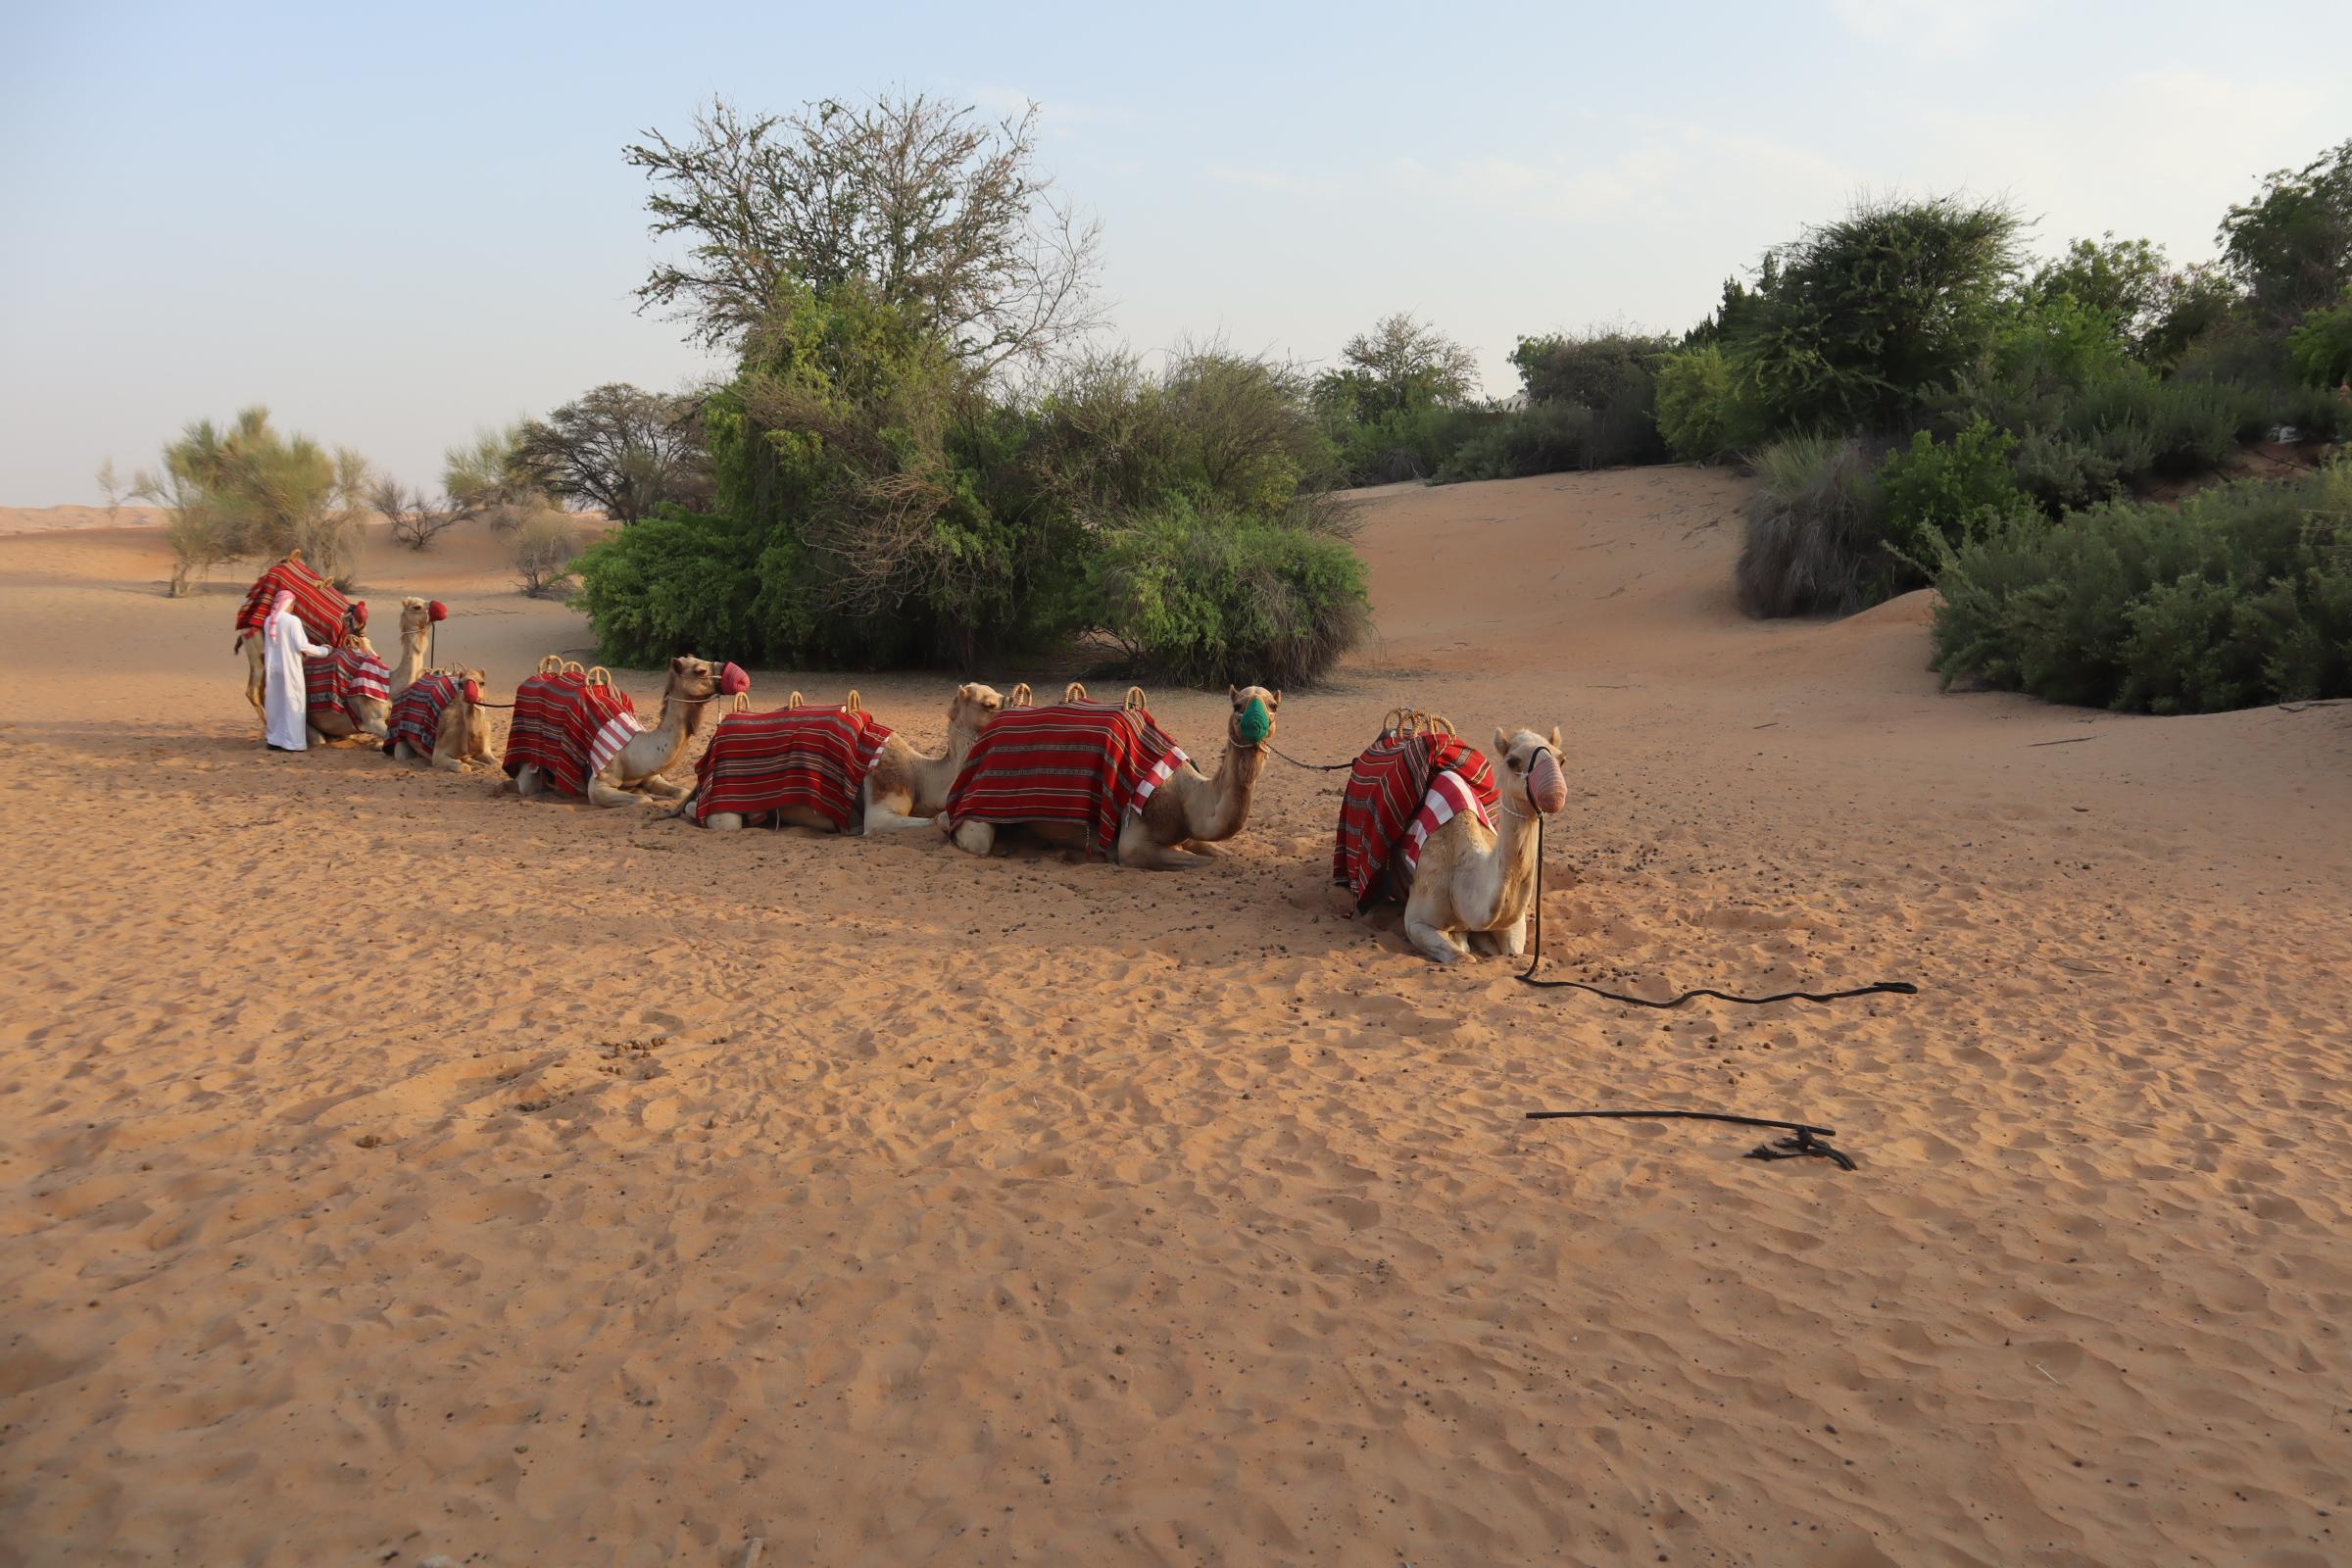 Camel ride at Al Maha